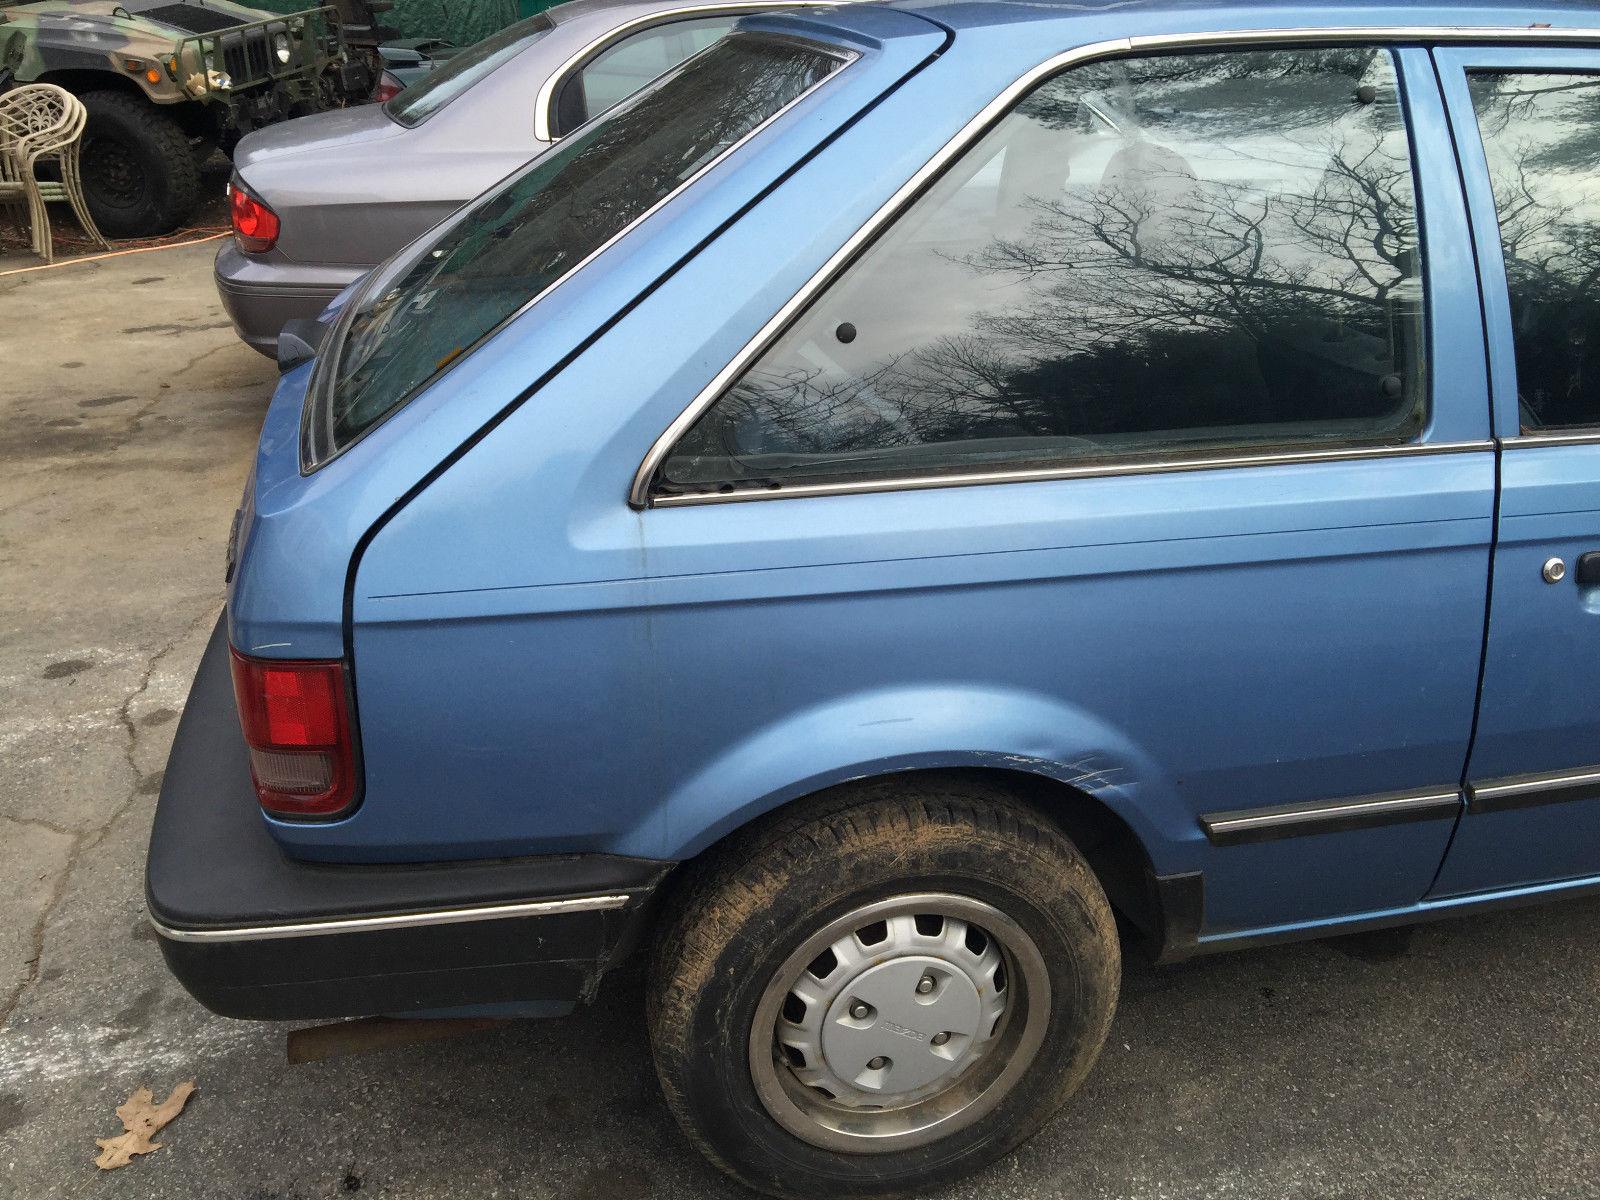 1989 Mazda 323 2 Door Hatchback For Sale In Mansfield